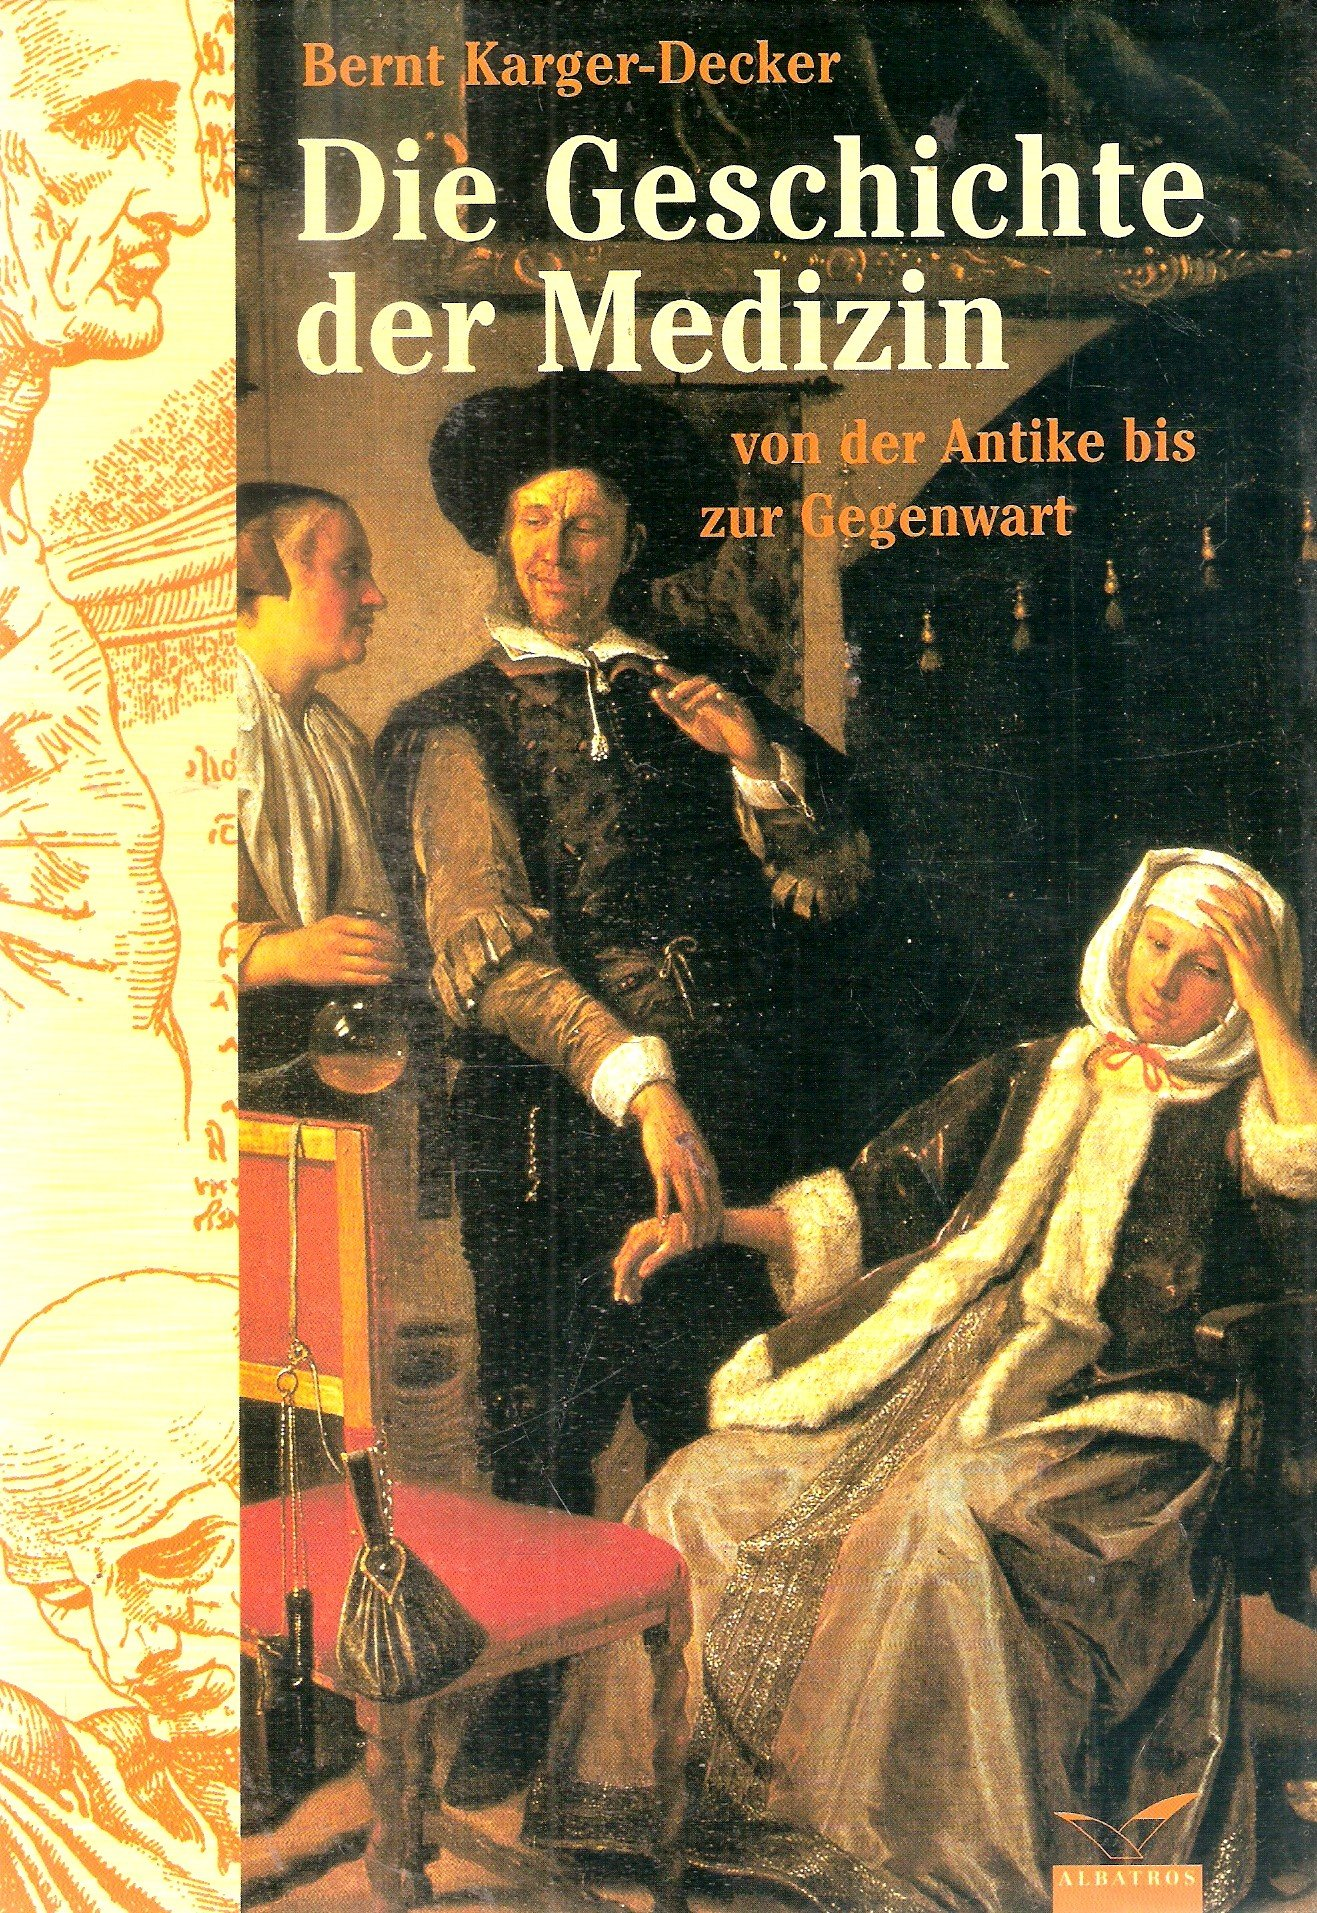 Die Geschichte der Medizin von der Antike bis zur Gegenwart